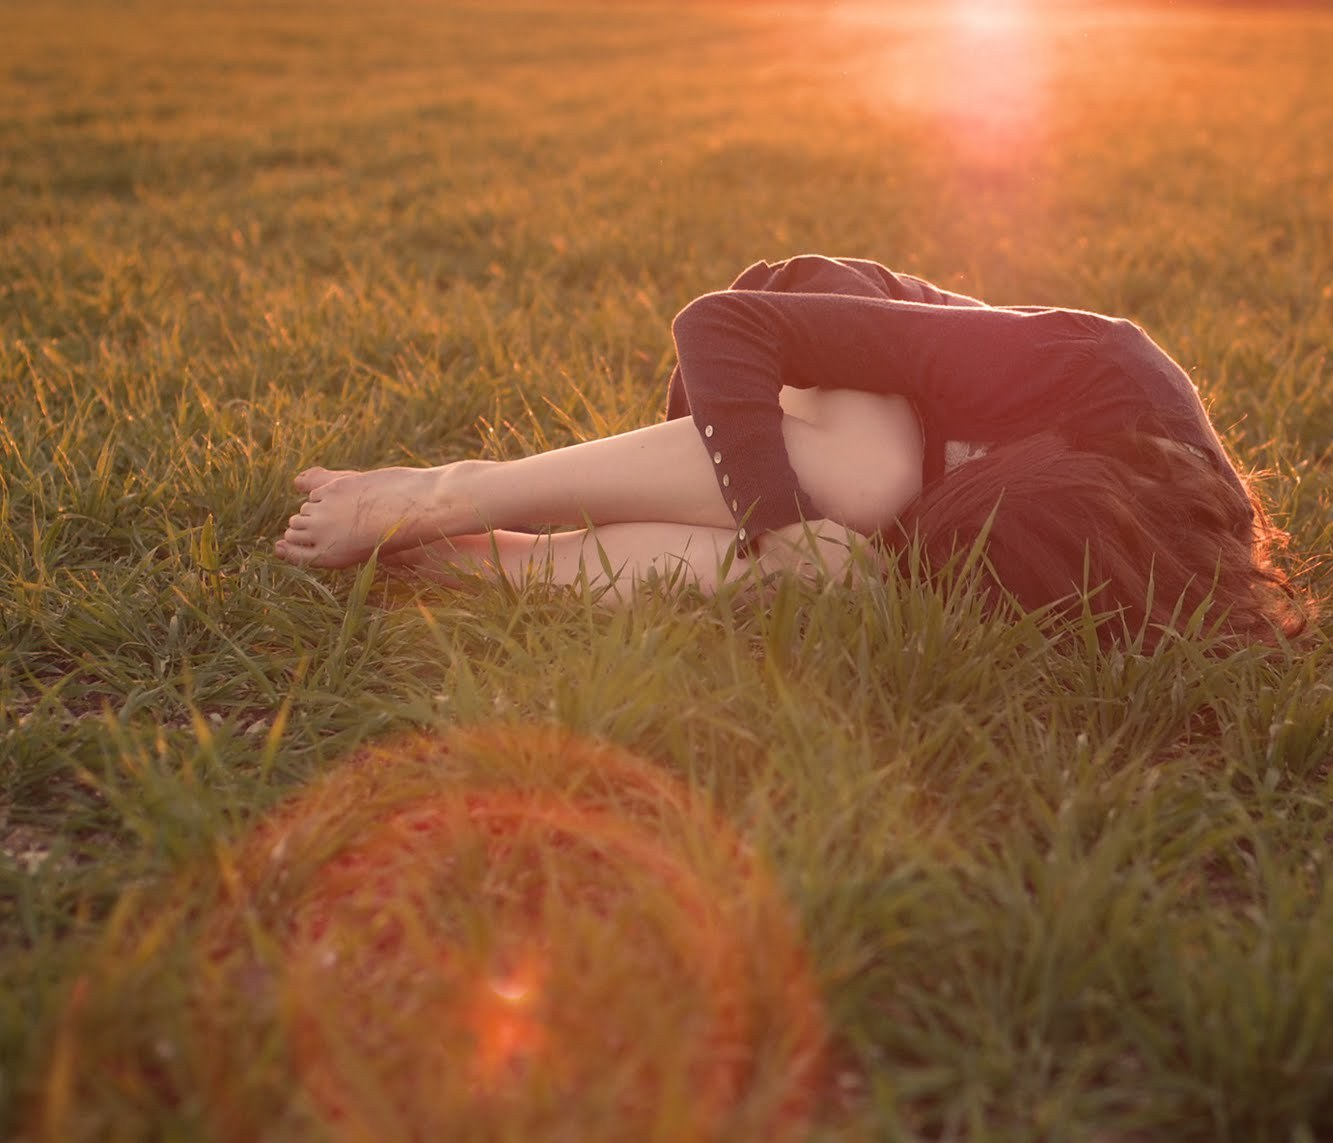 告诉我为什么 (gào su wǒ wèi shén me) - Tell me why 你失去欢笑 (nǐ shī qù huān xiào) - You lose the happy laughter (happiness) 失去了往日美好 (shī qù liǎo wǎng rì měi hǎo) - Lost the former beautiful goodness